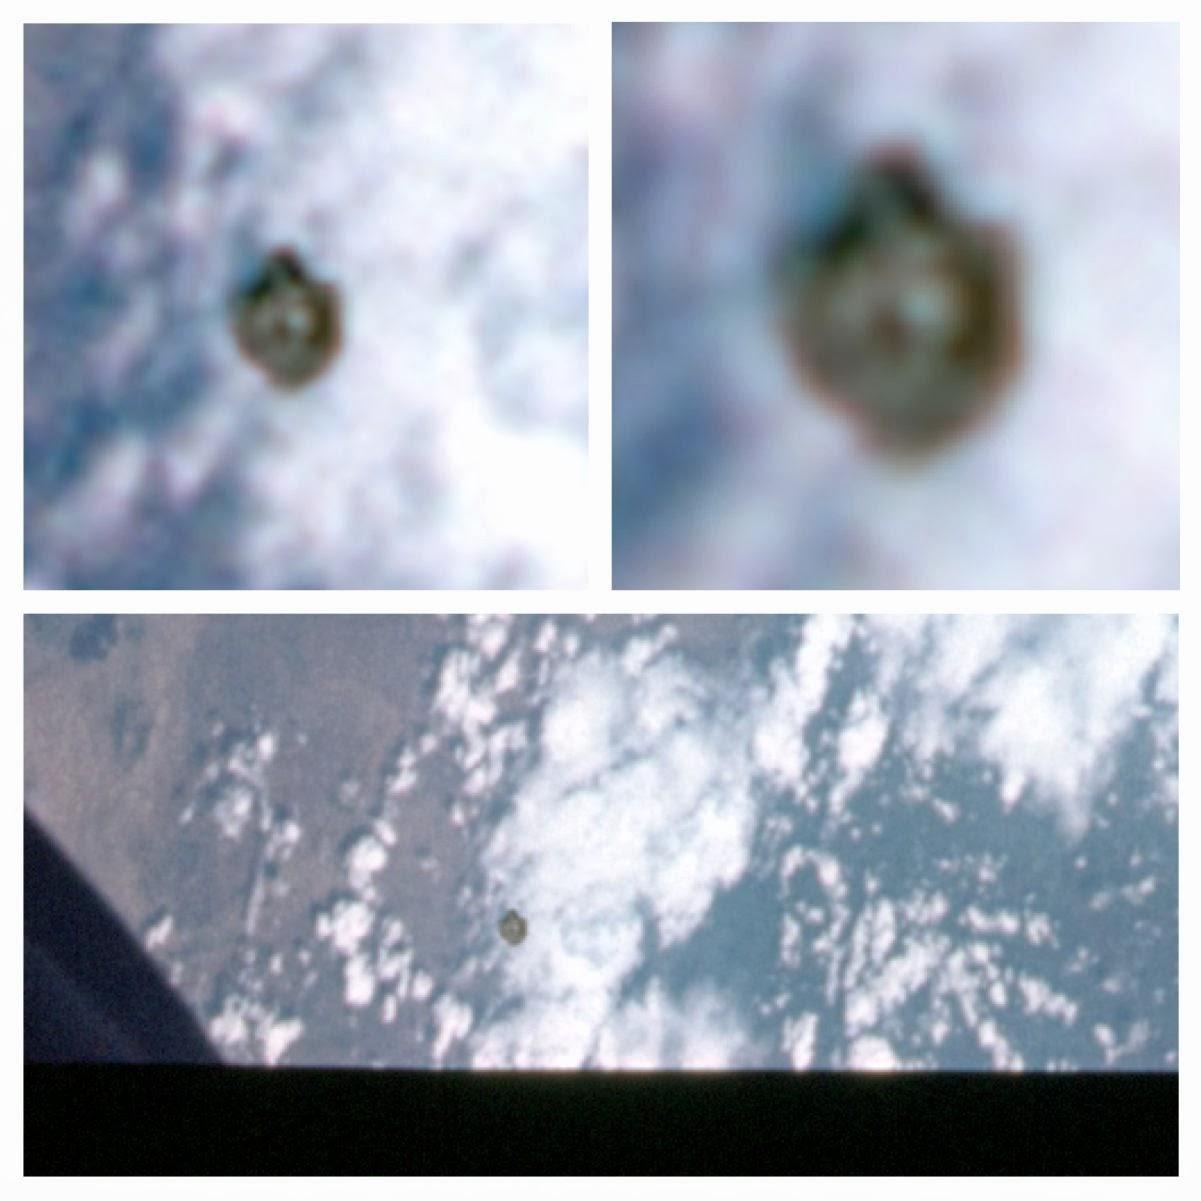 UFO Near Gemini 11 In Earths